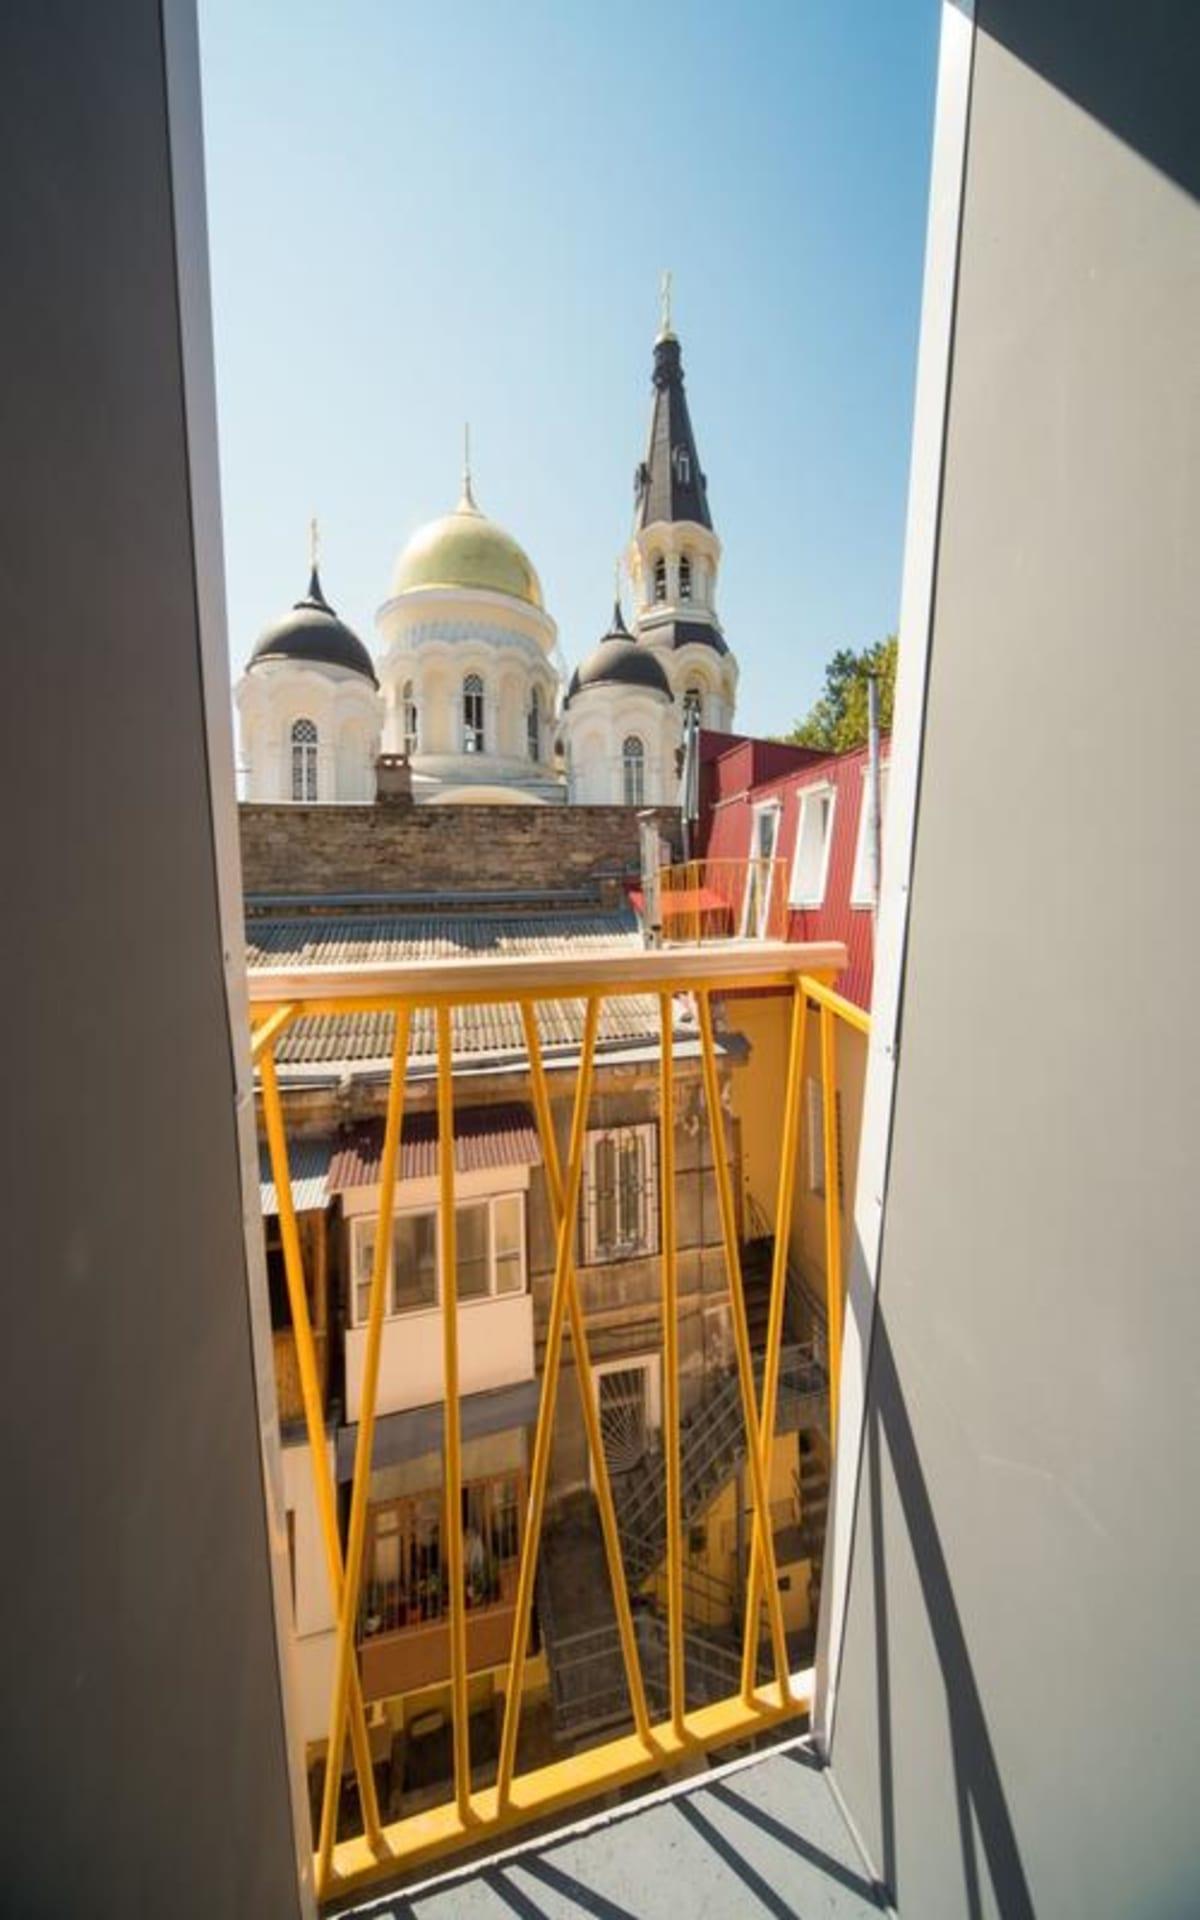 Friday Hostel, Odessa, Ukraine